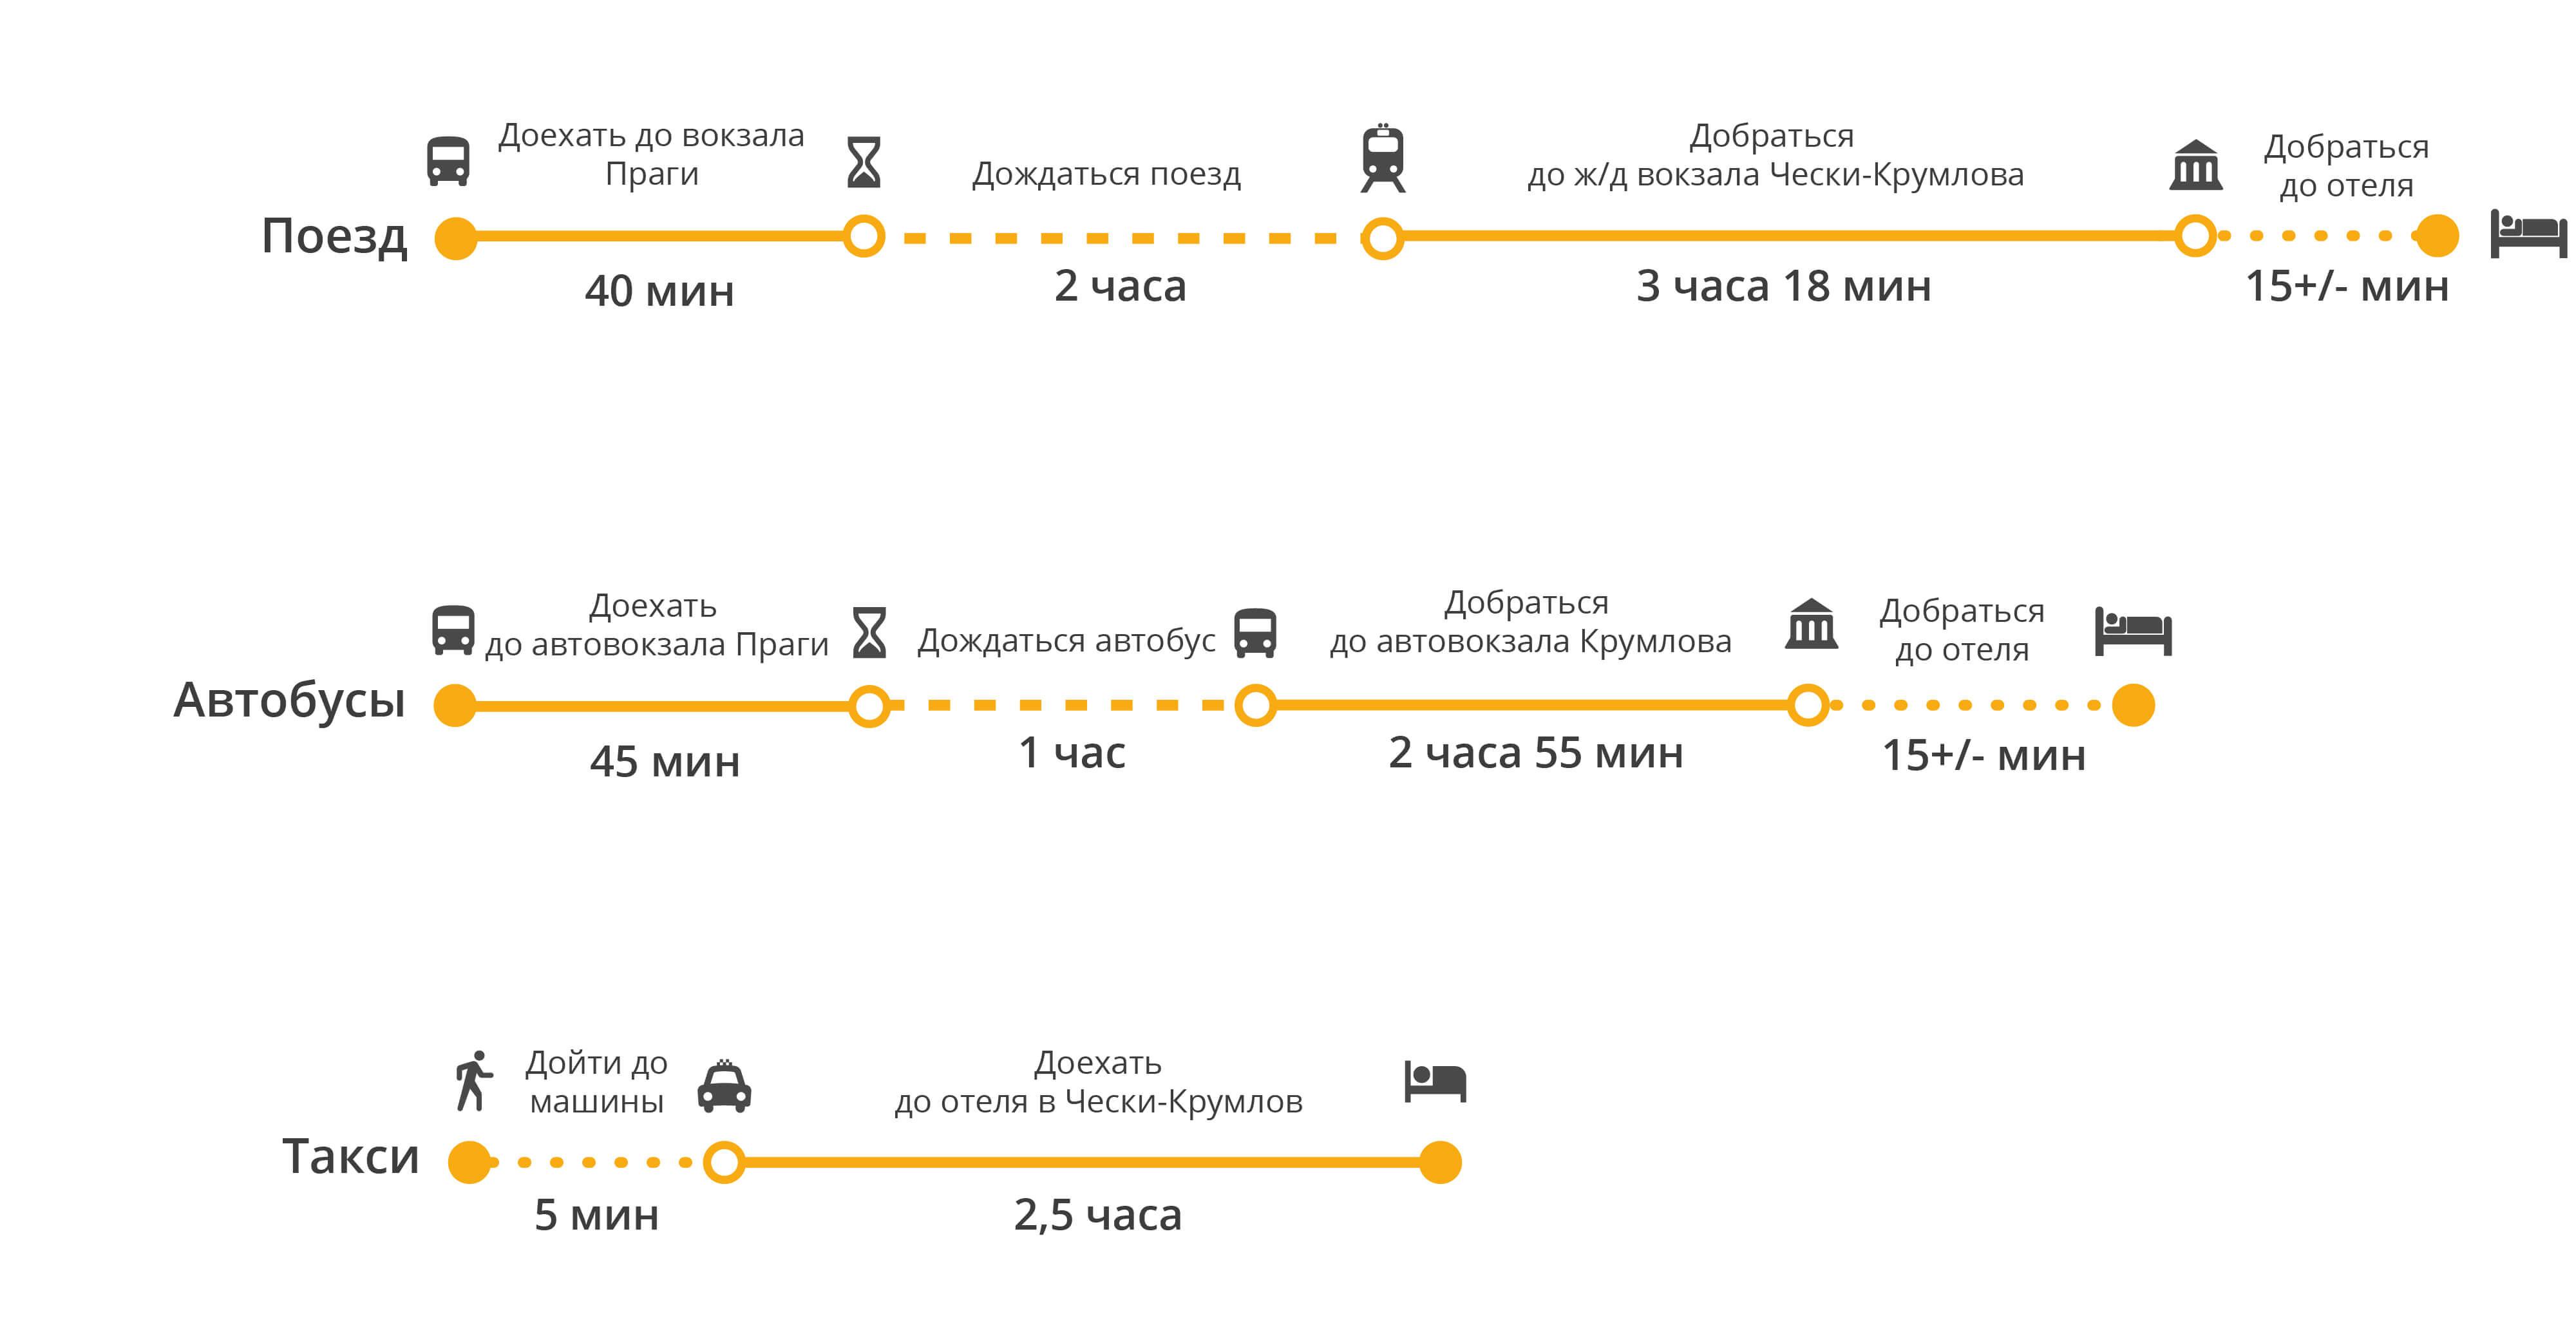 Наш день в чешский крумлов: достопримечательности, что посмотреть, как добраться, отзывы